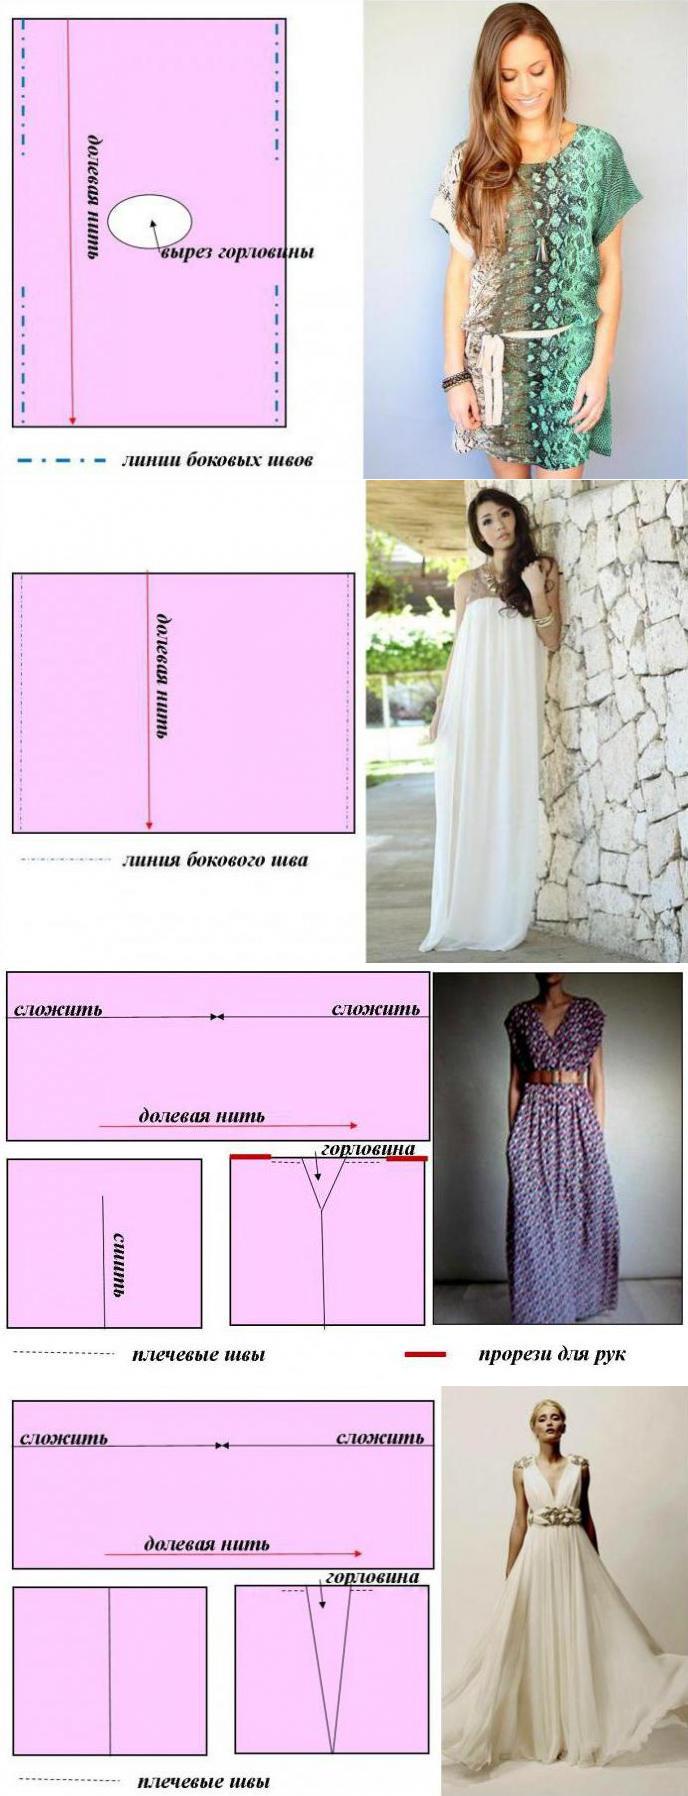 И выкройка греческого платья